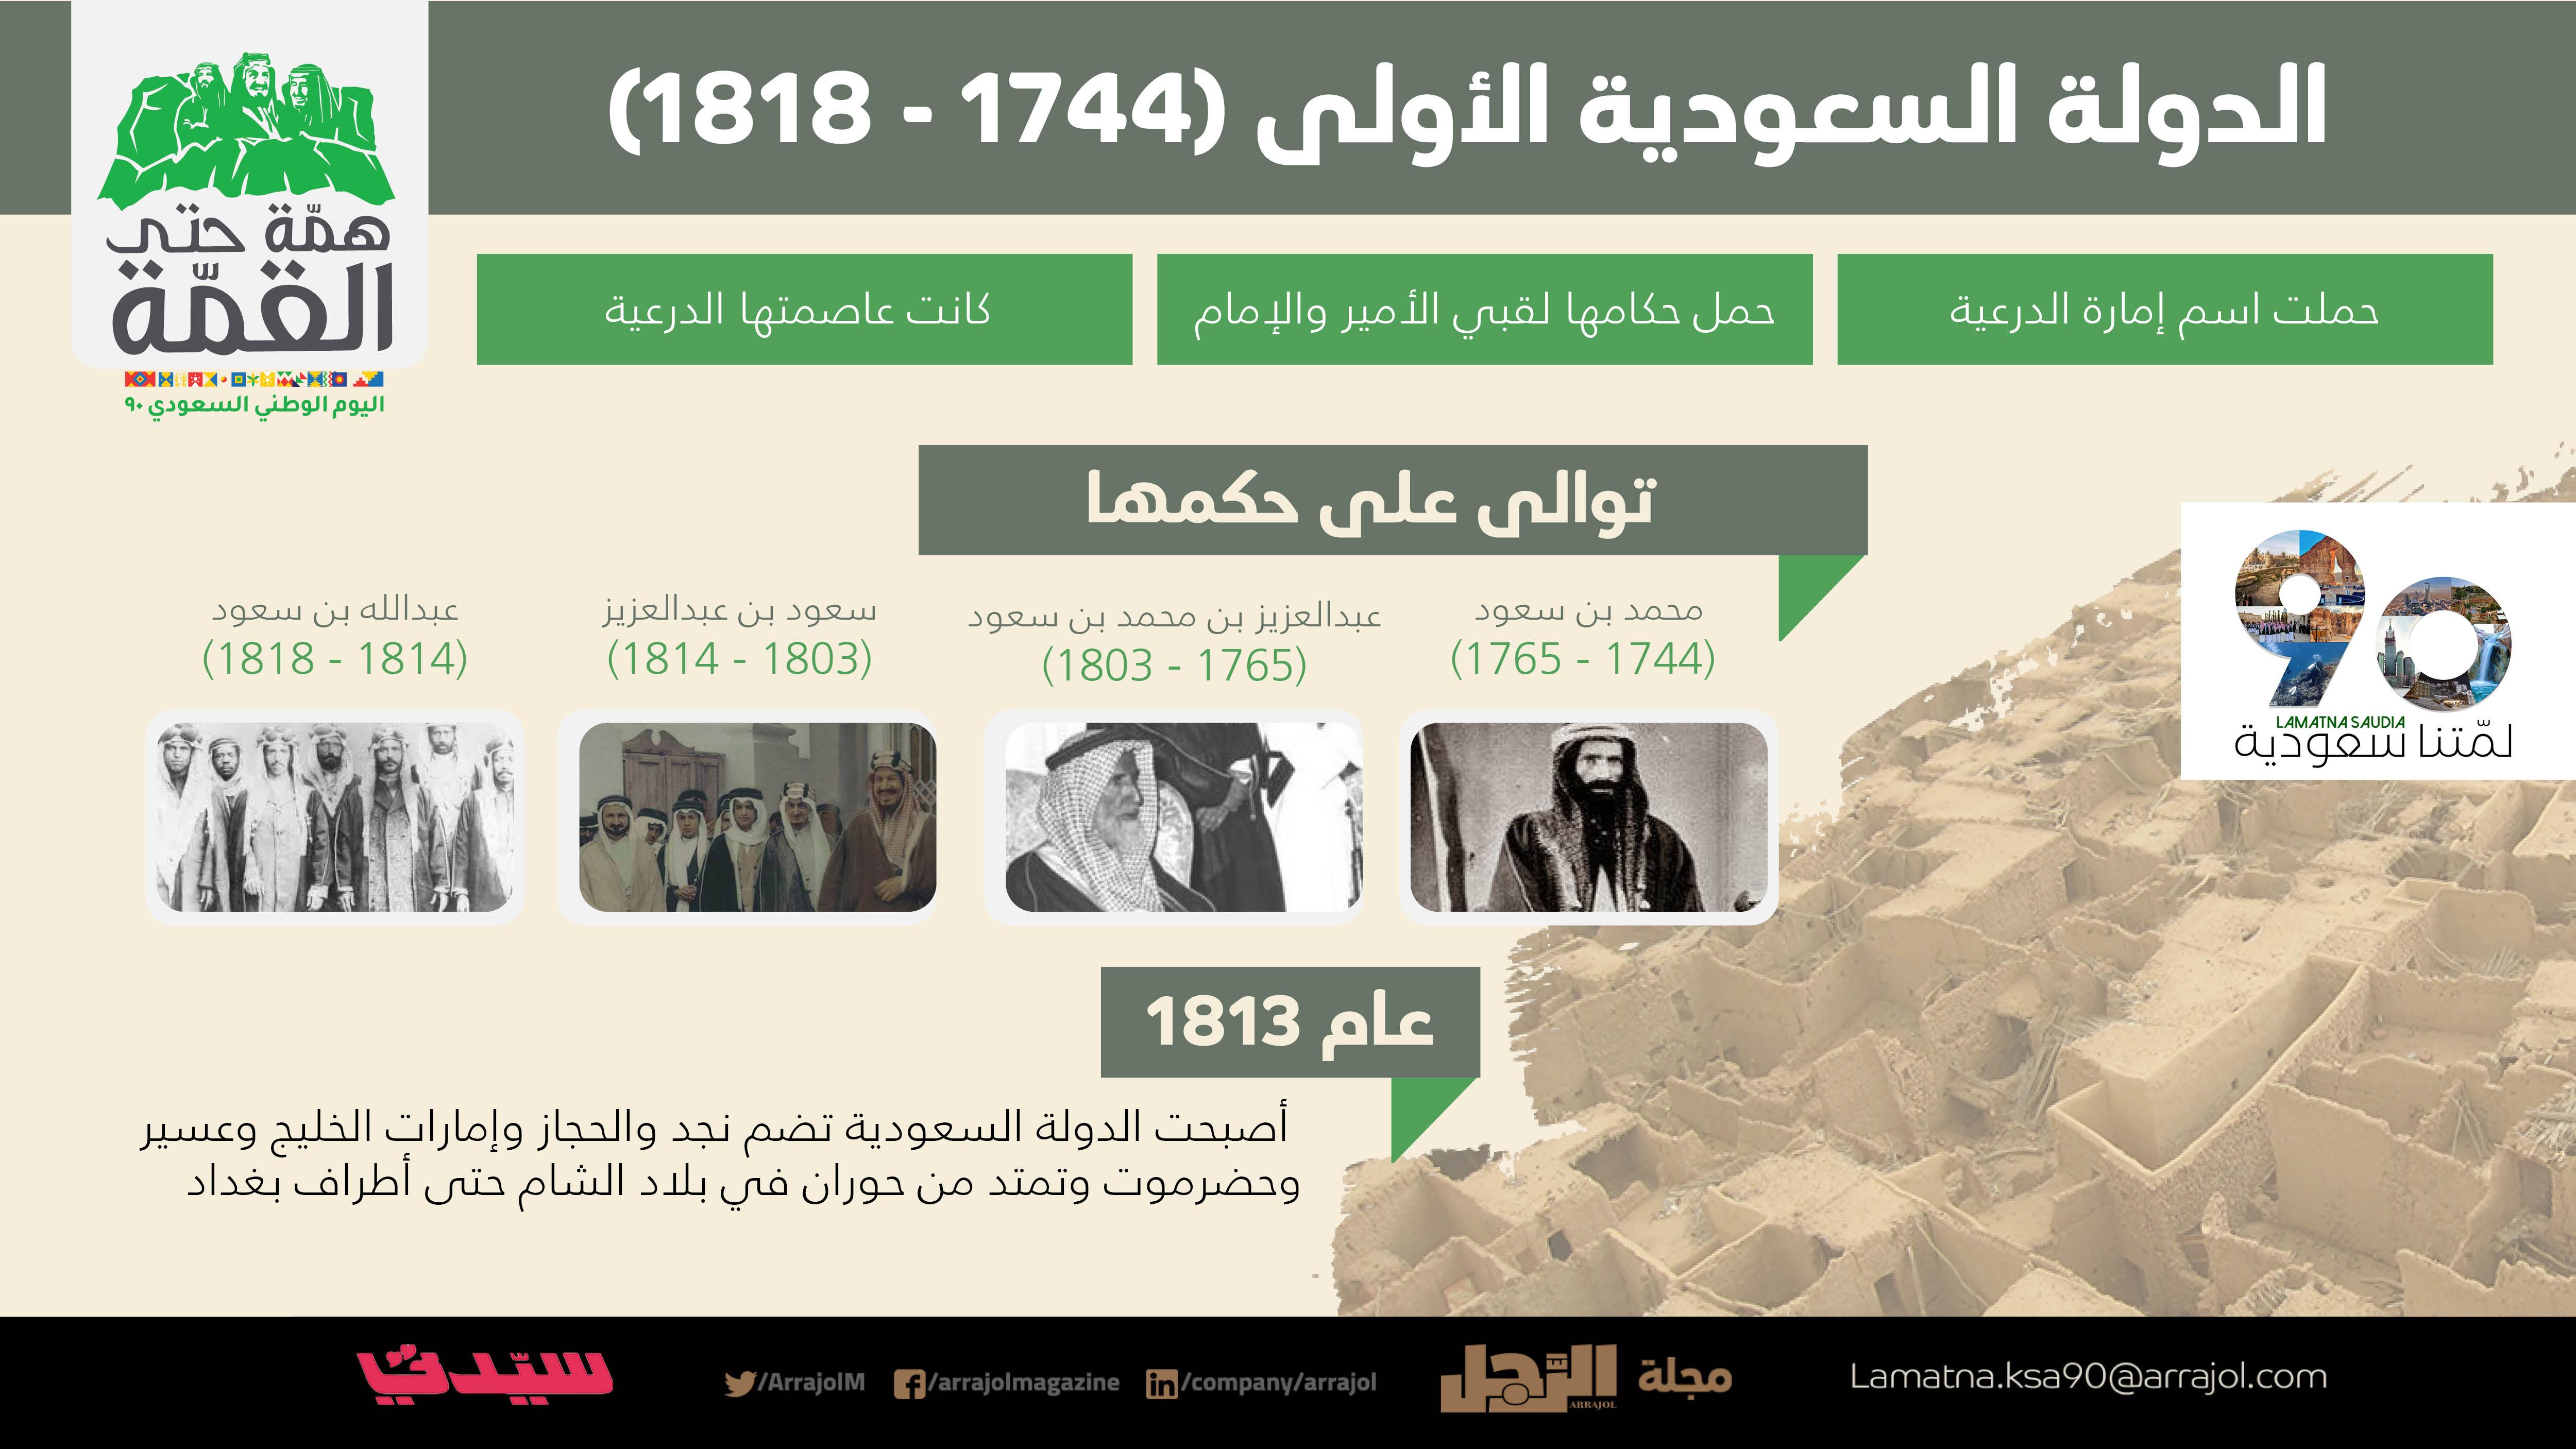 انفوجراف|حكاية نشأت السعودية من إمارة الدرعية حتي إعلان المملكة